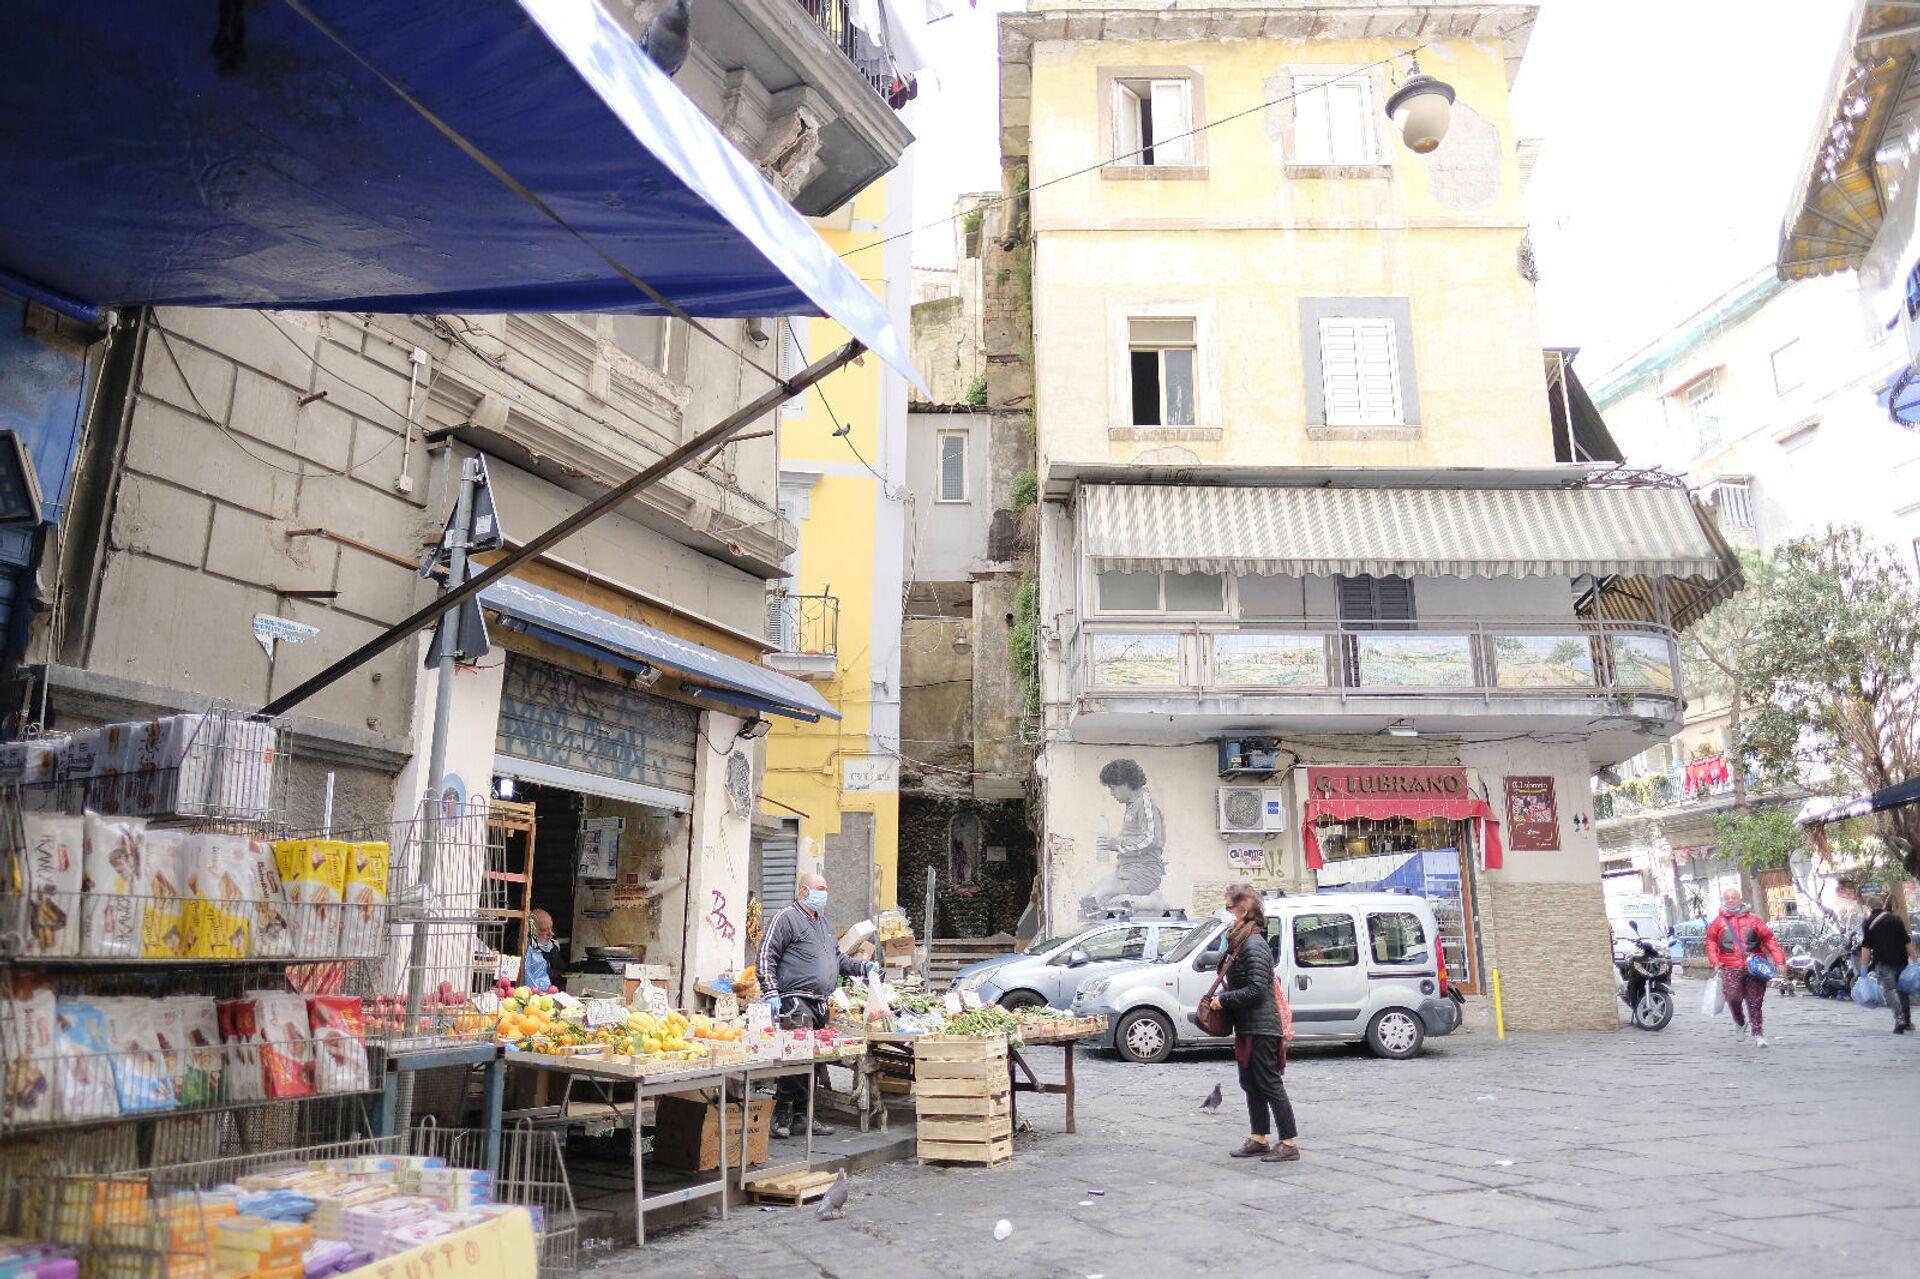 Forcella, quartiere di Napoli - Sputnik Italia, 1920, 18.05.2021